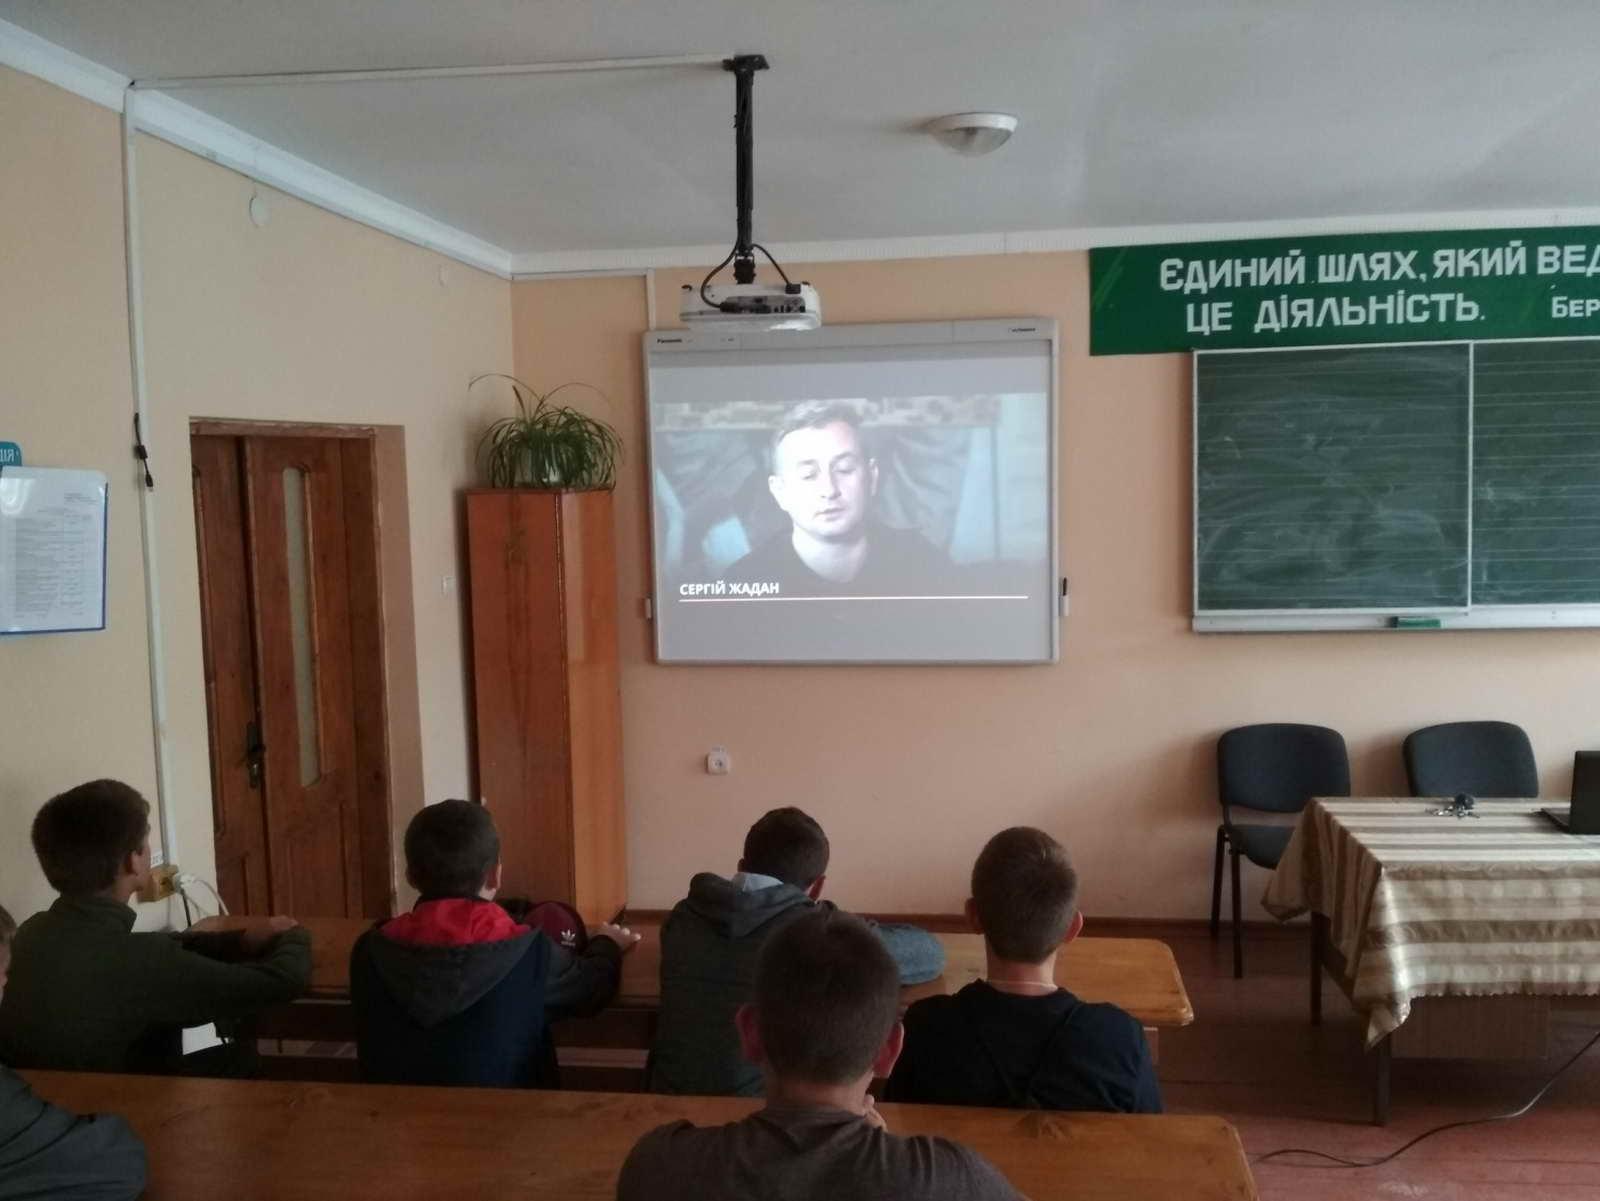 Обговорення книги «Інтернат» Сергія Жадана